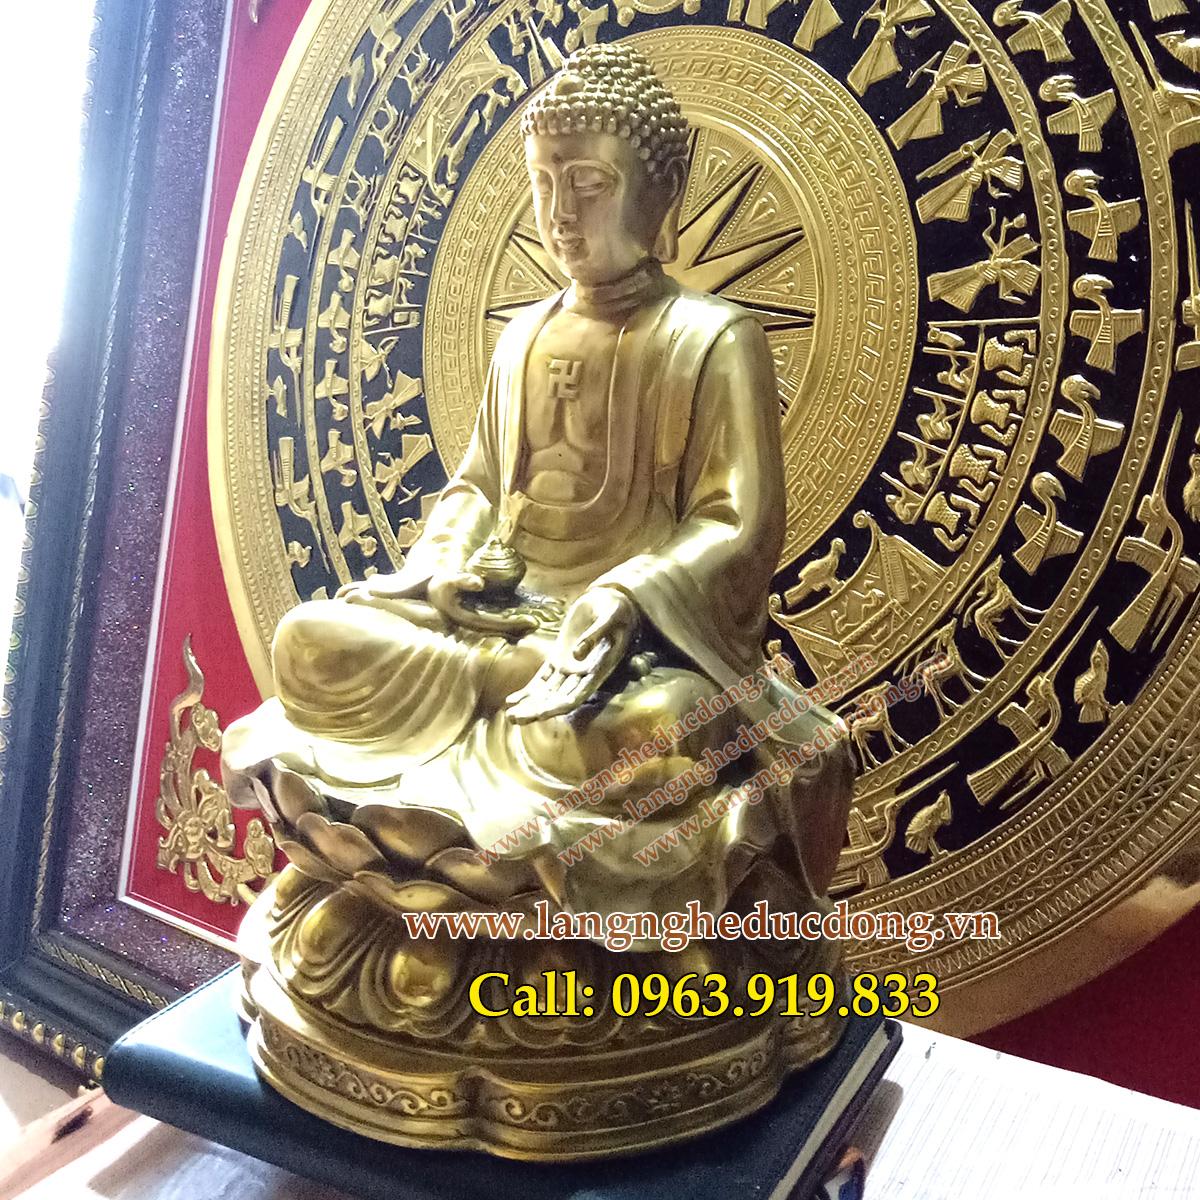 langngheducdong.vn - tượng phật, tượng thích ca, tượng adida, tượng đồng thờ cúng